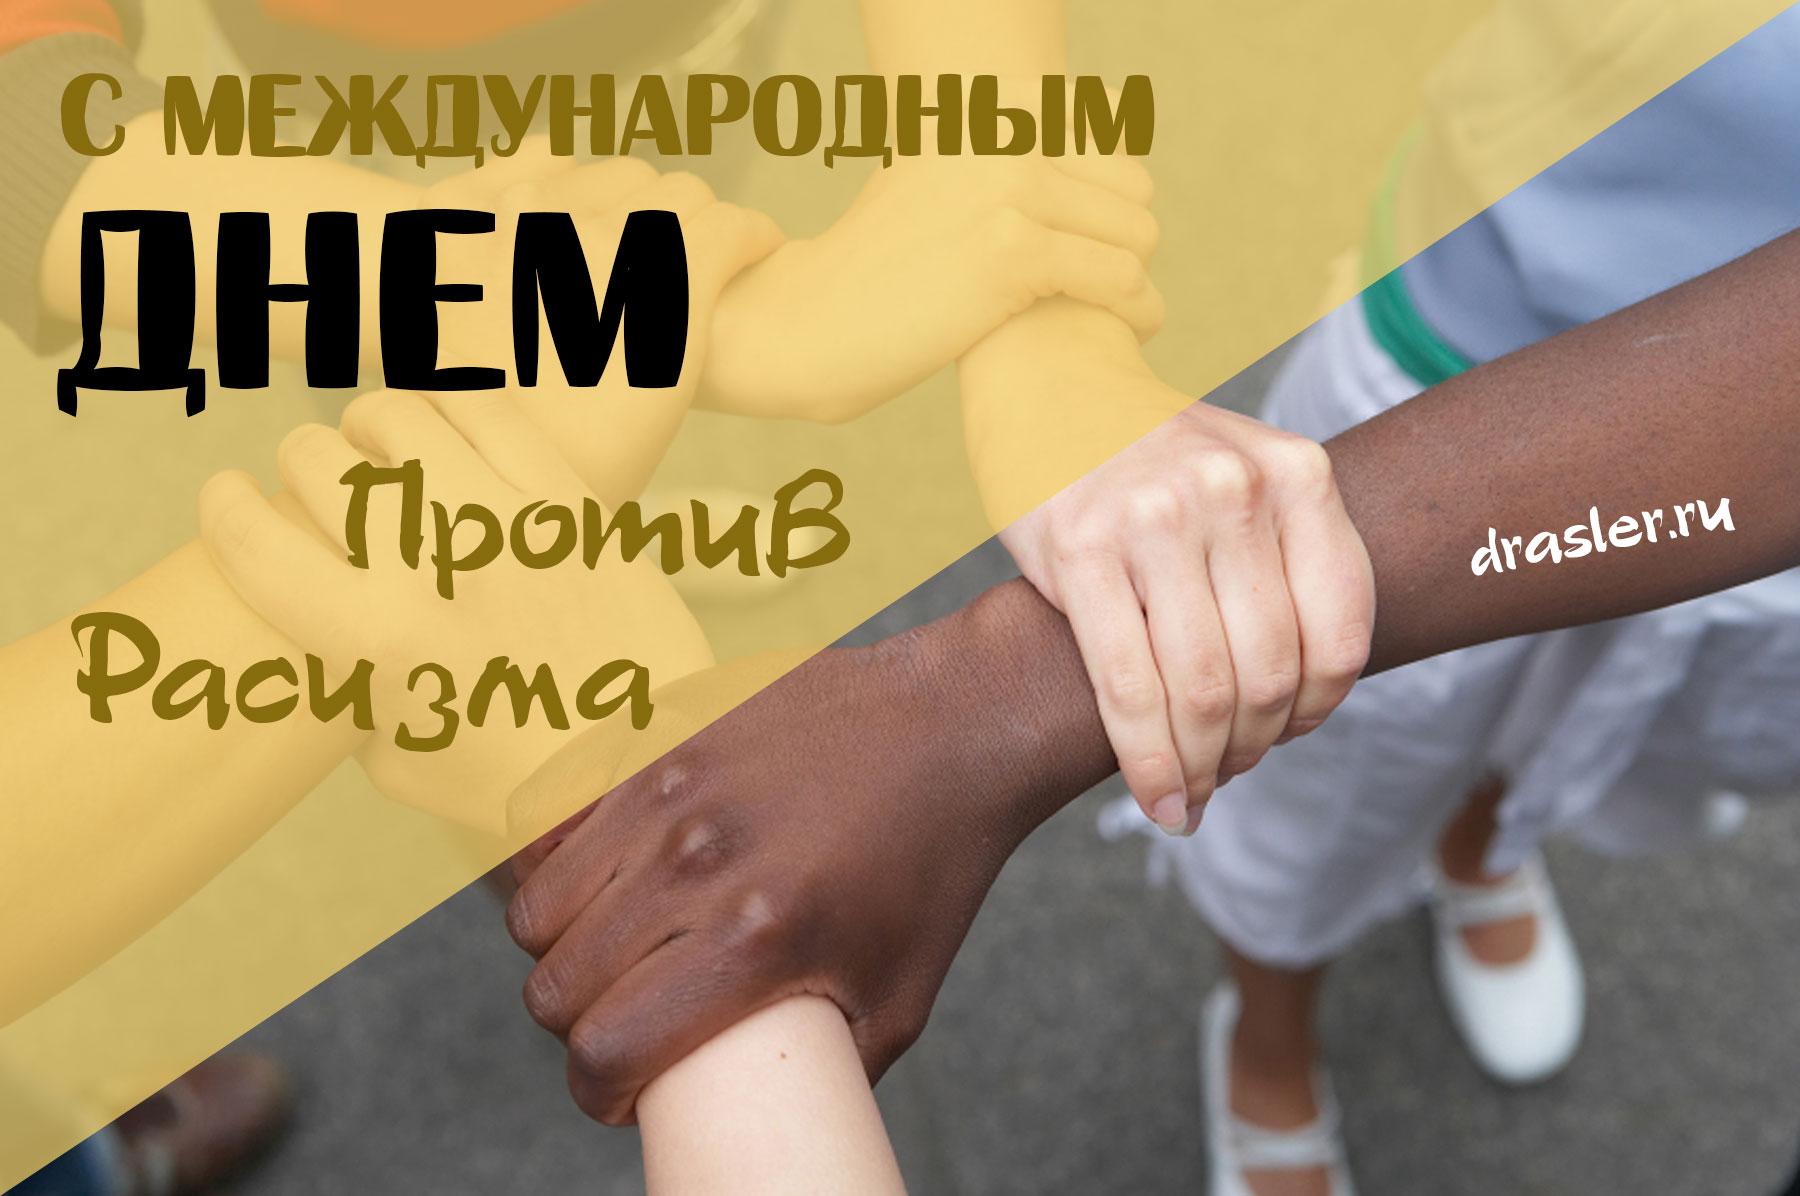 Картинки с международным днем против фашизма, расизма и антисемитизма - подборка 3